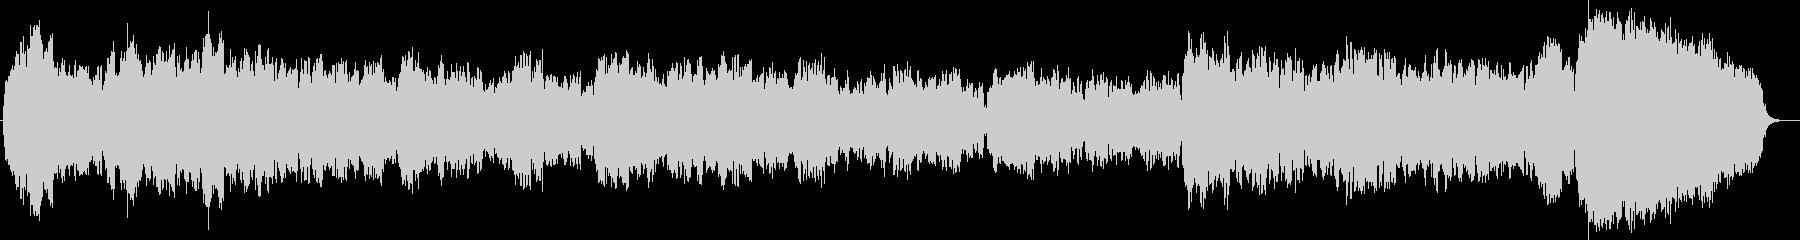 哀愁のあるバロック風オリジナル弦楽三重奏の未再生の波形